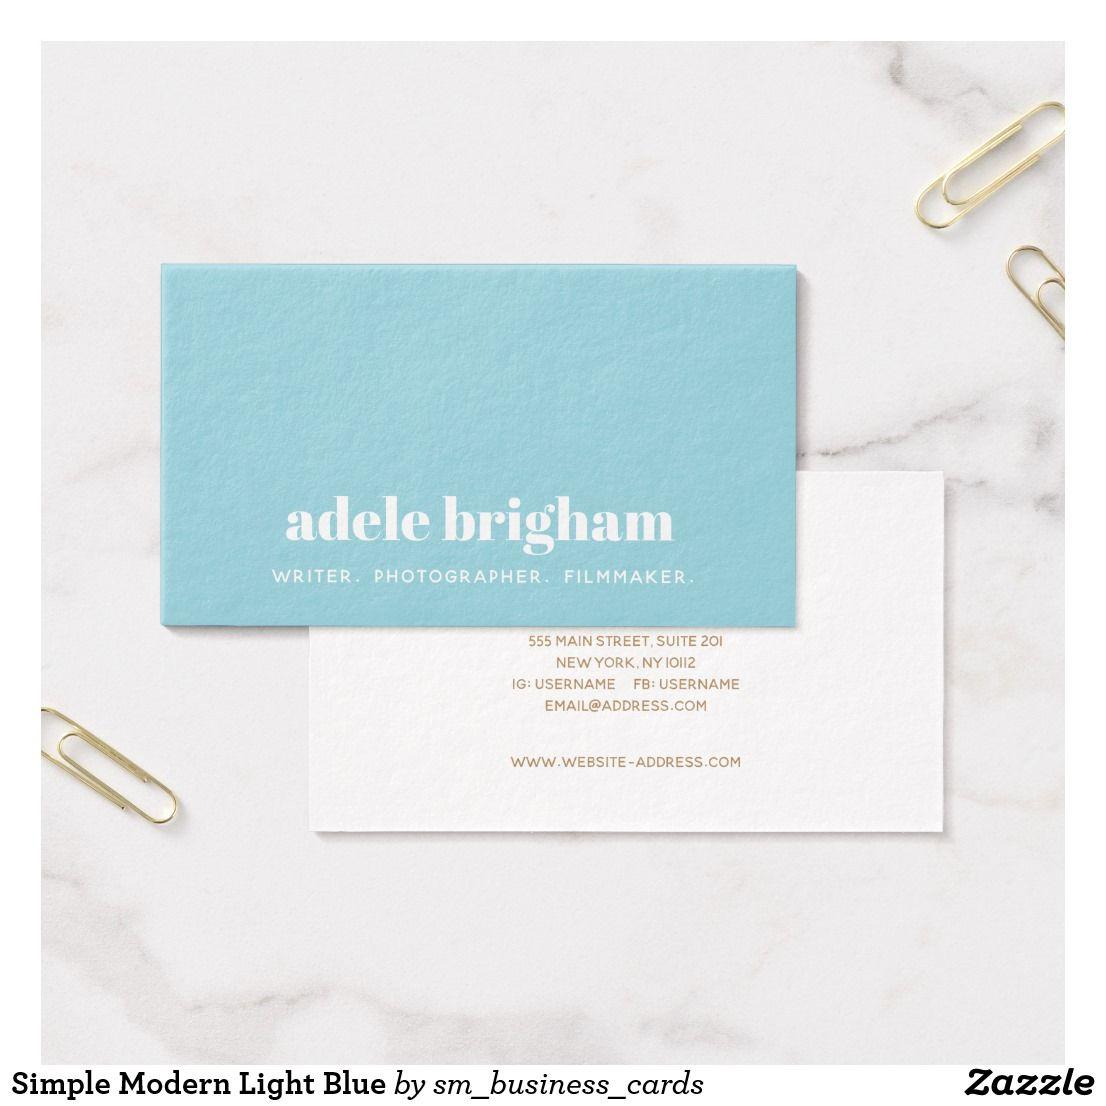 Simple modern light blue business card pinterest business cards simple modern light blue business card colourmoves